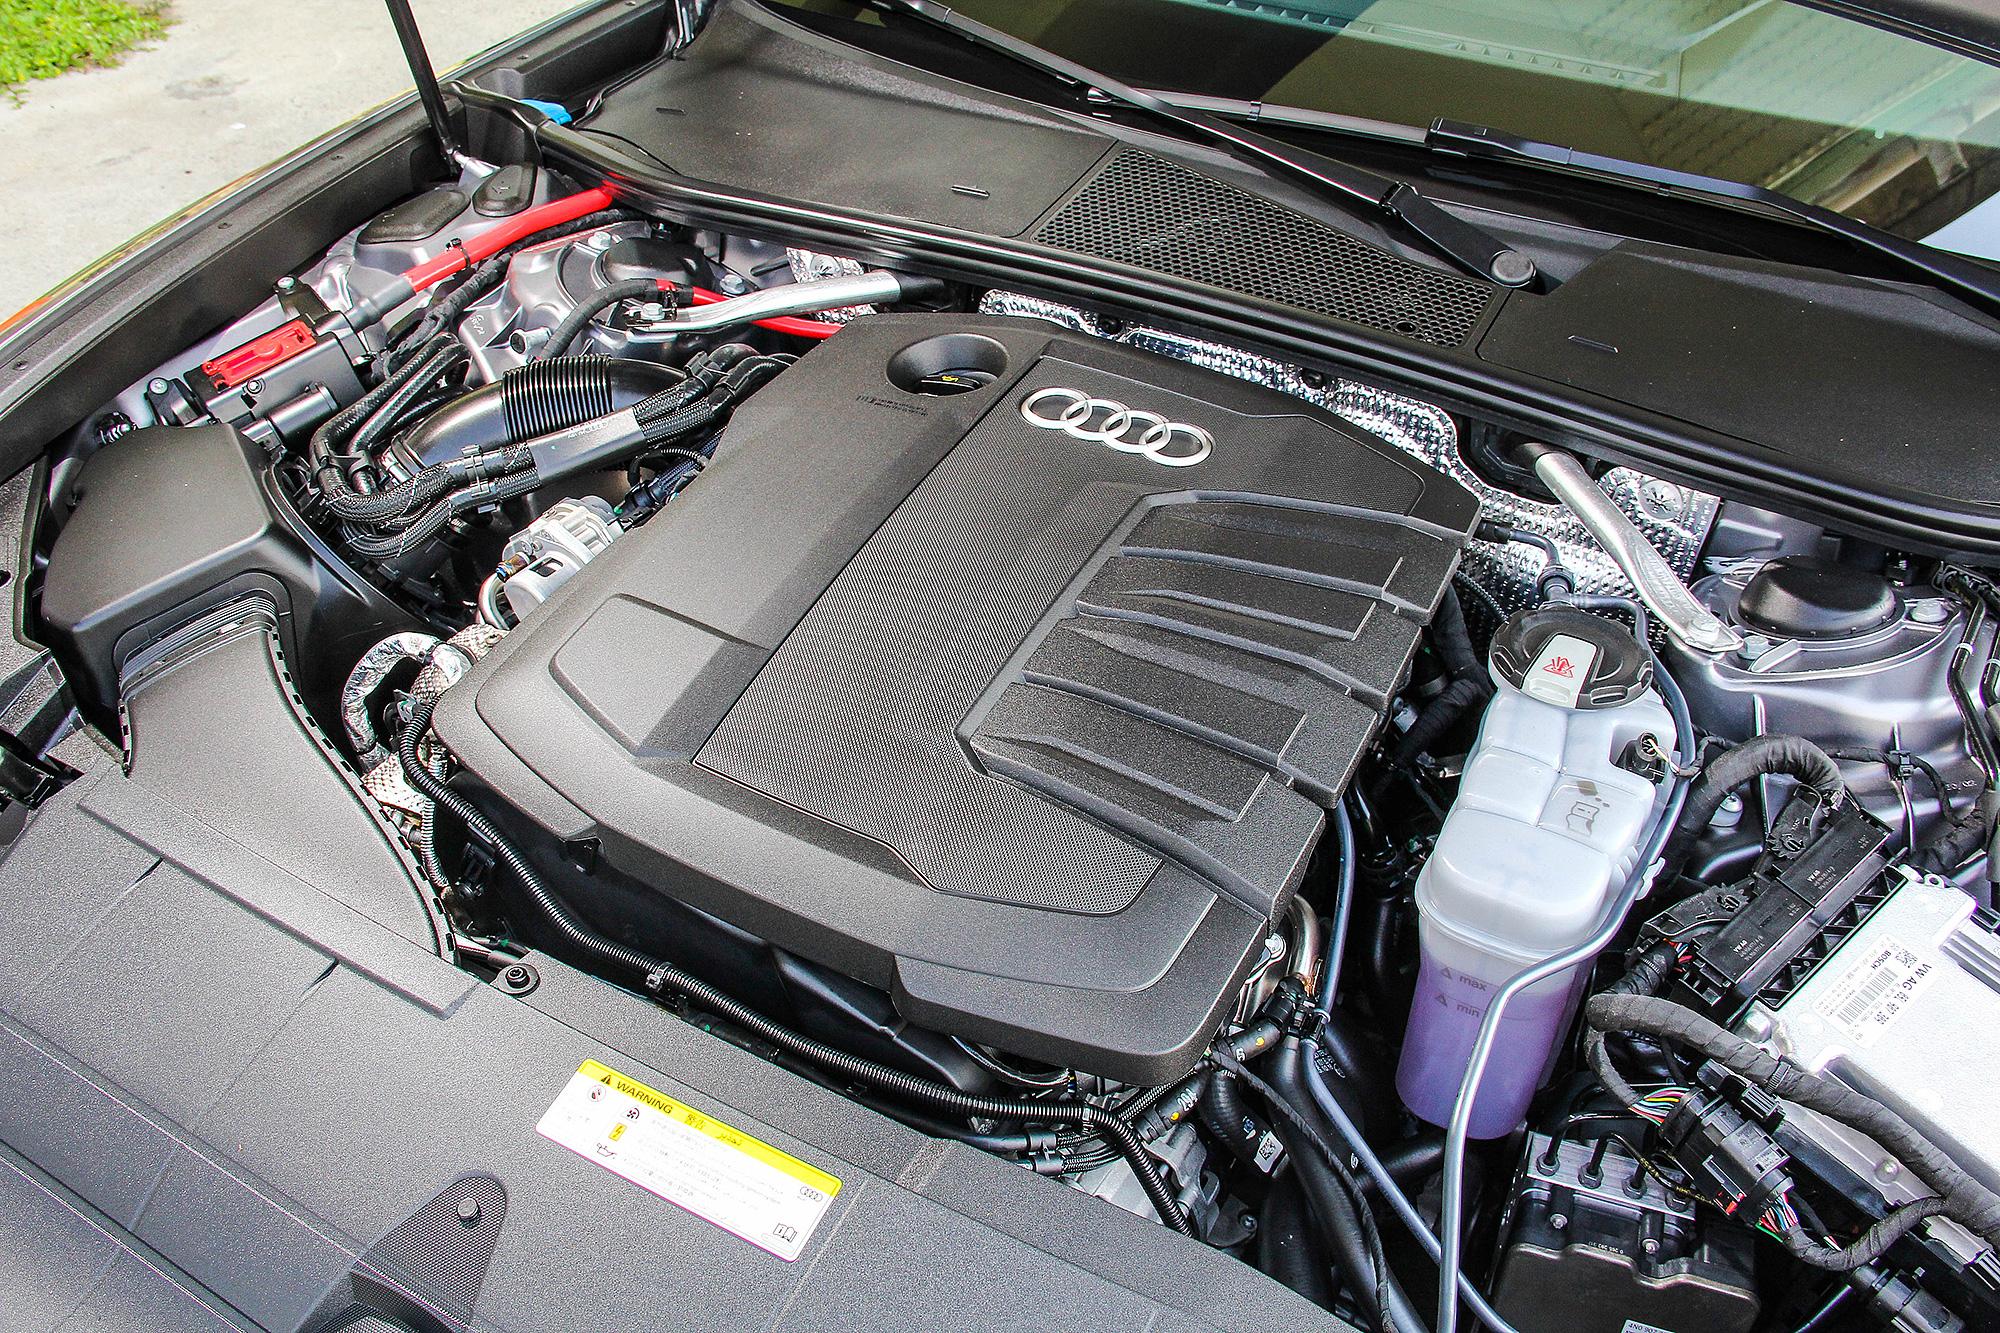 2.0 TDI 柴油引擎整合 12V Mild-Hybrid 微型油電複合動力系統,具有 204 匹馬力、 400Nm 扭力的最大輸出。